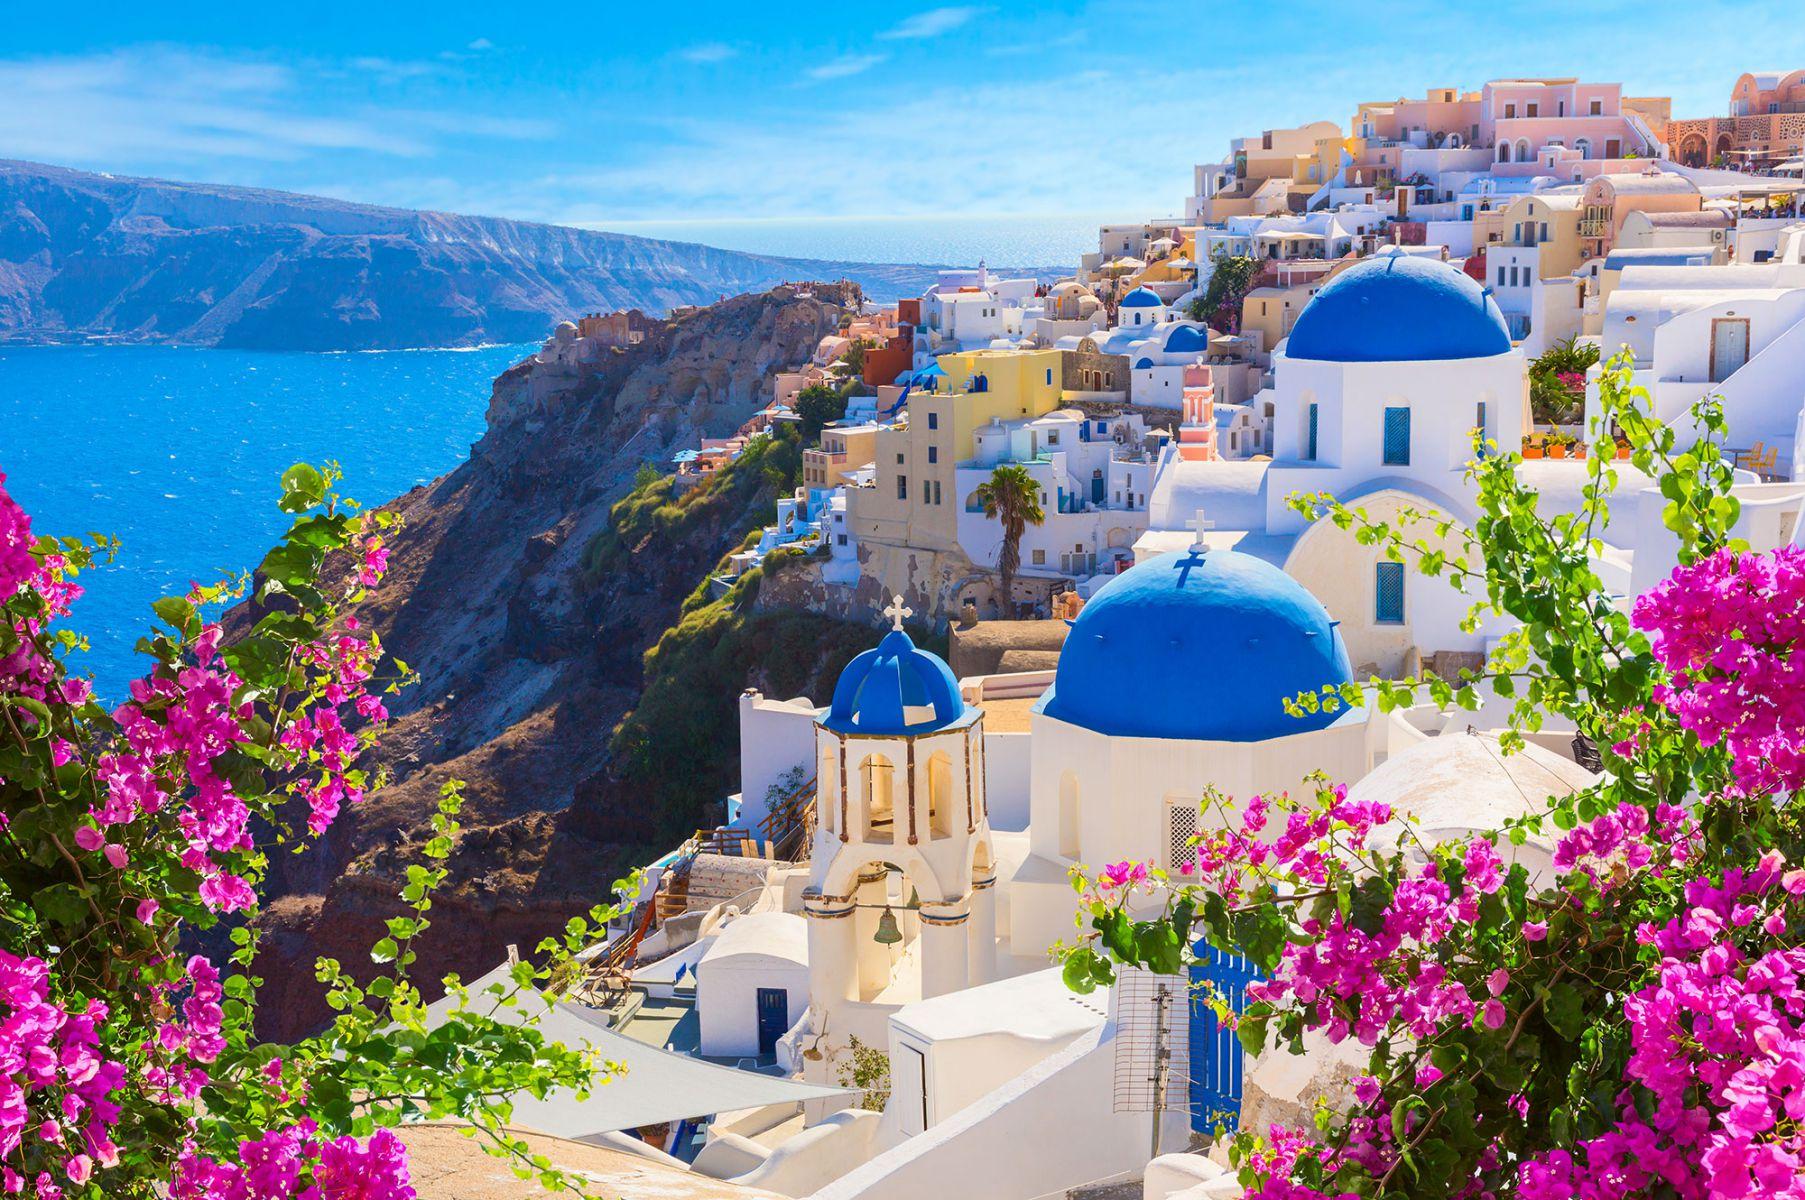 Het kleurrijke eiland Santorini in Griekenland